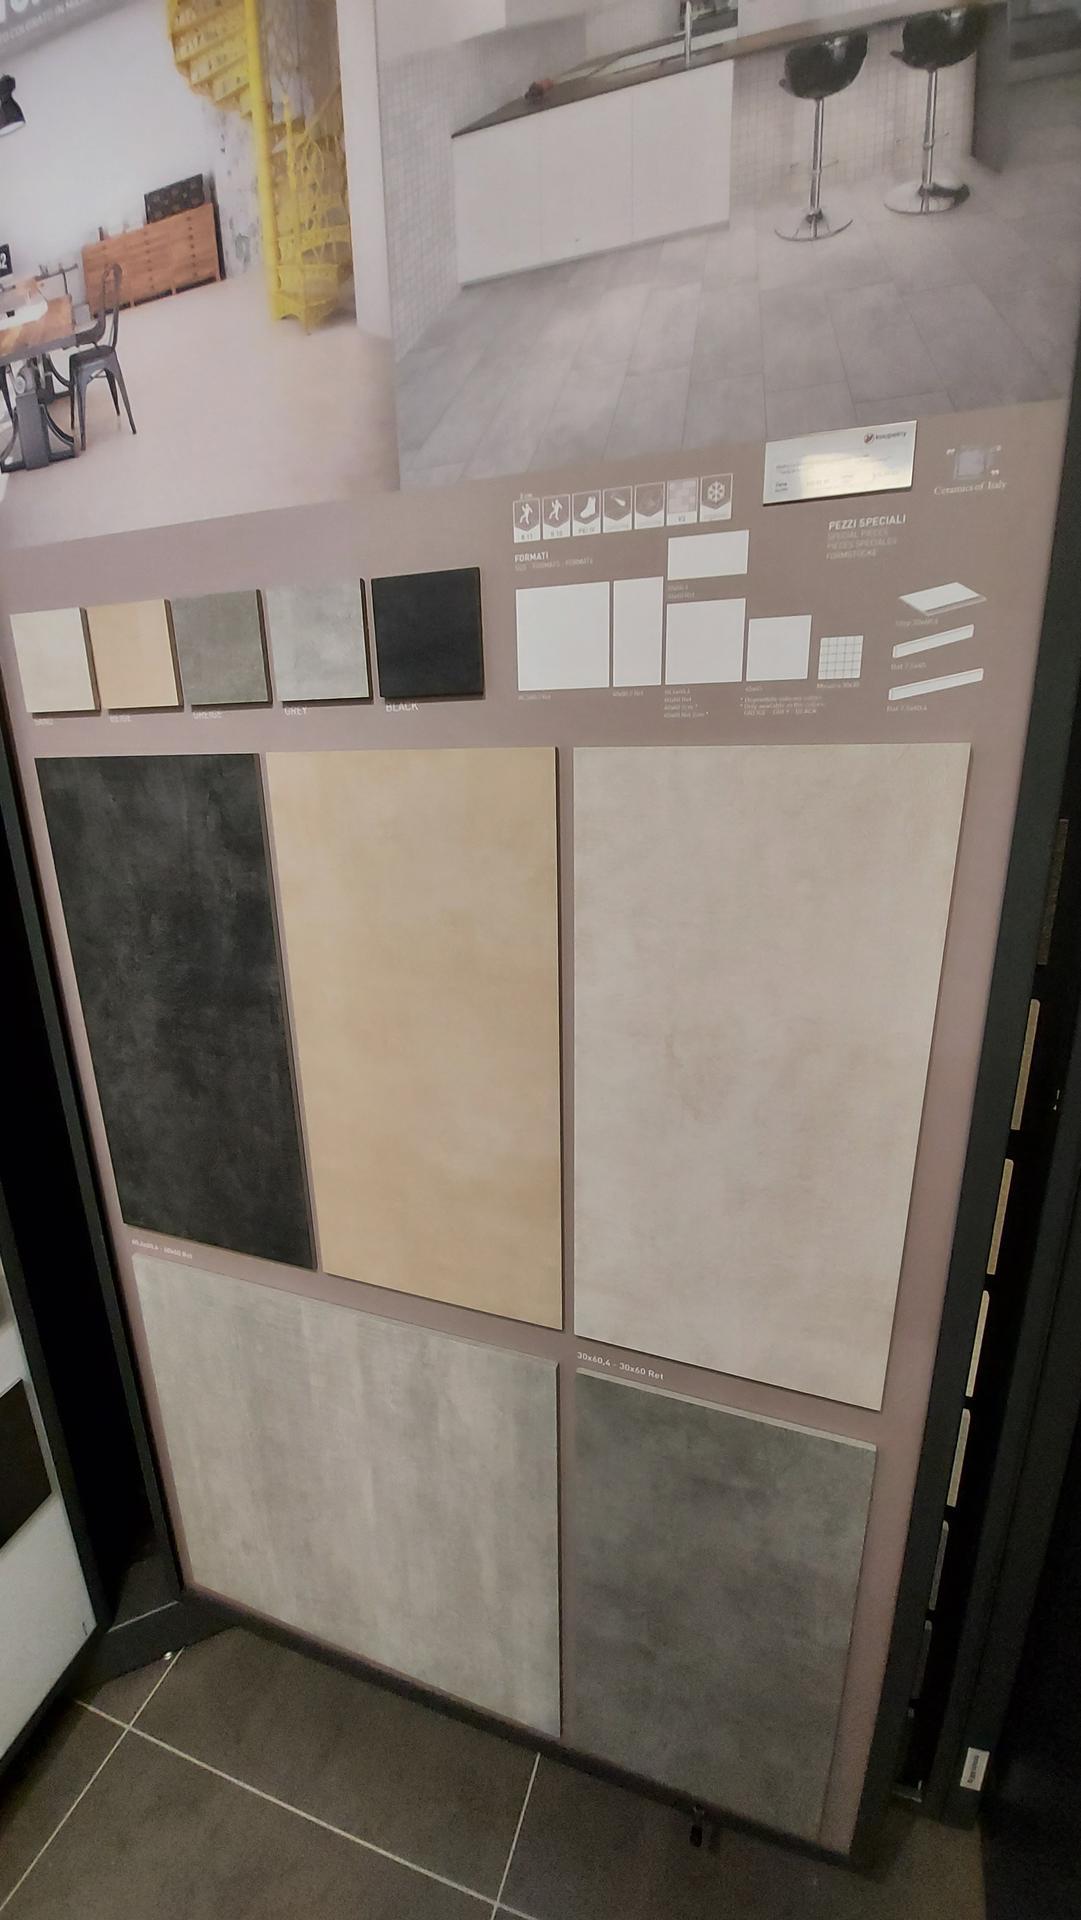 Koupelna-z ceho sme vybirali - obklady ve standardu